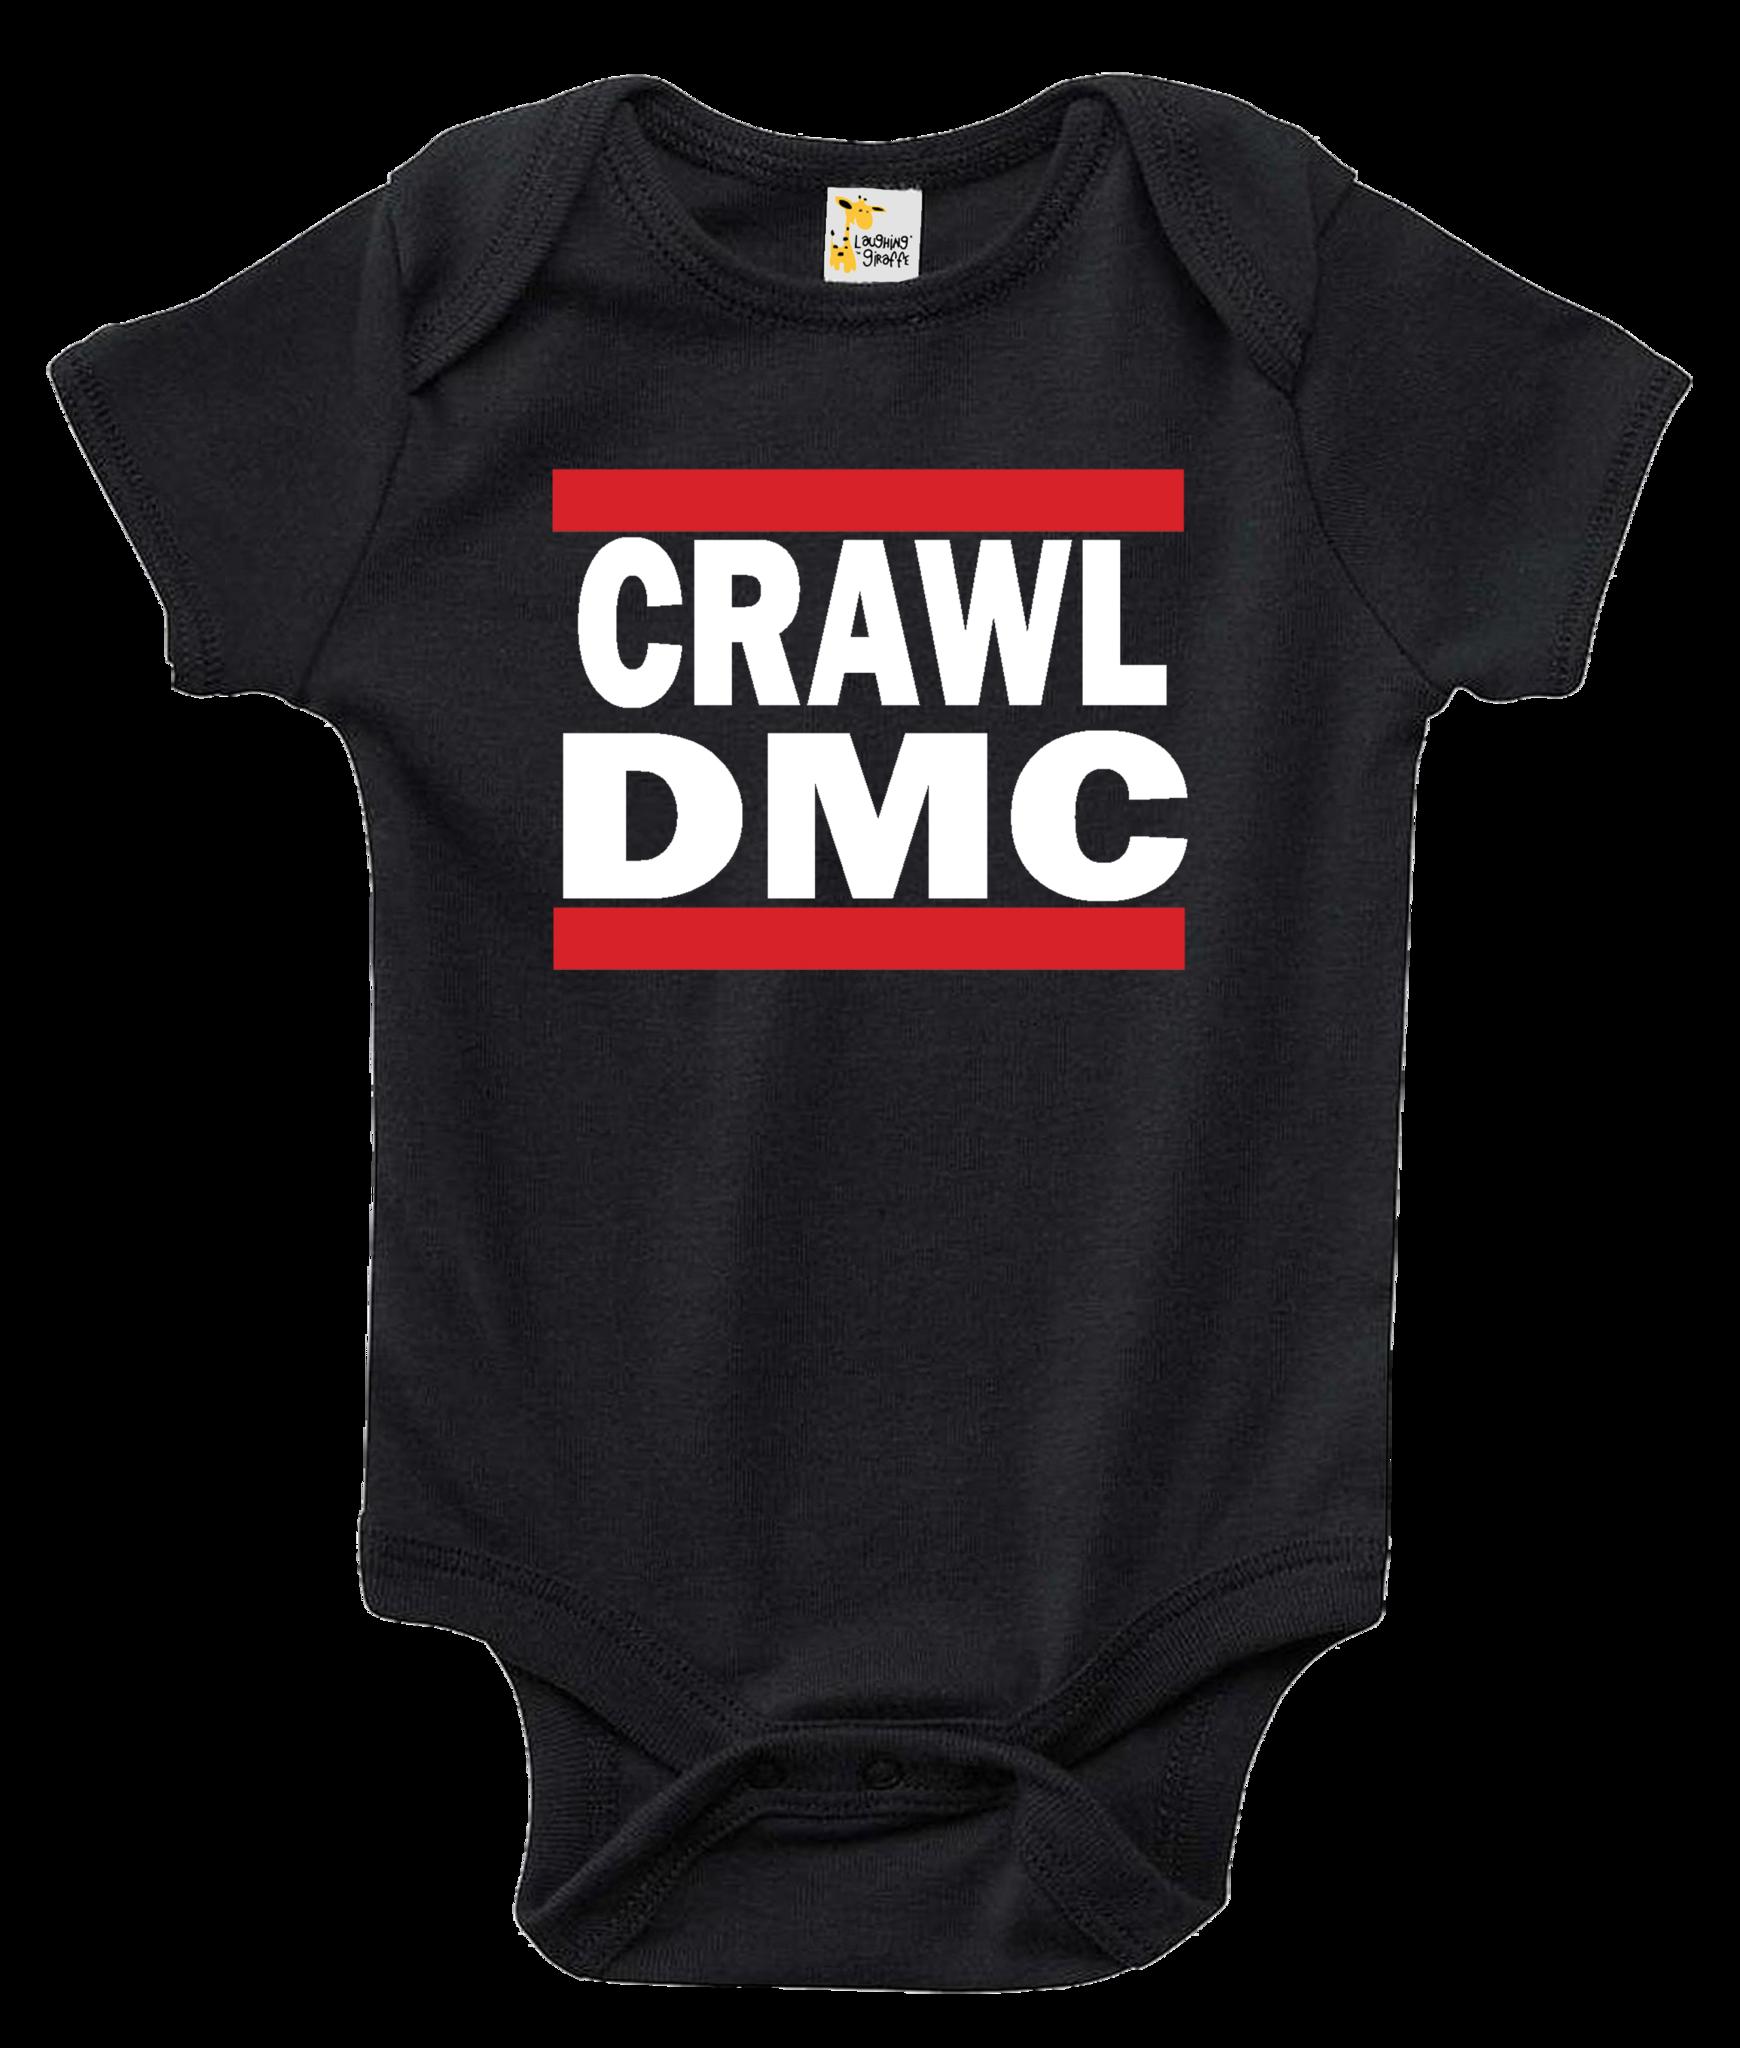 Crawl DMC One-piece Baby Bodysuit